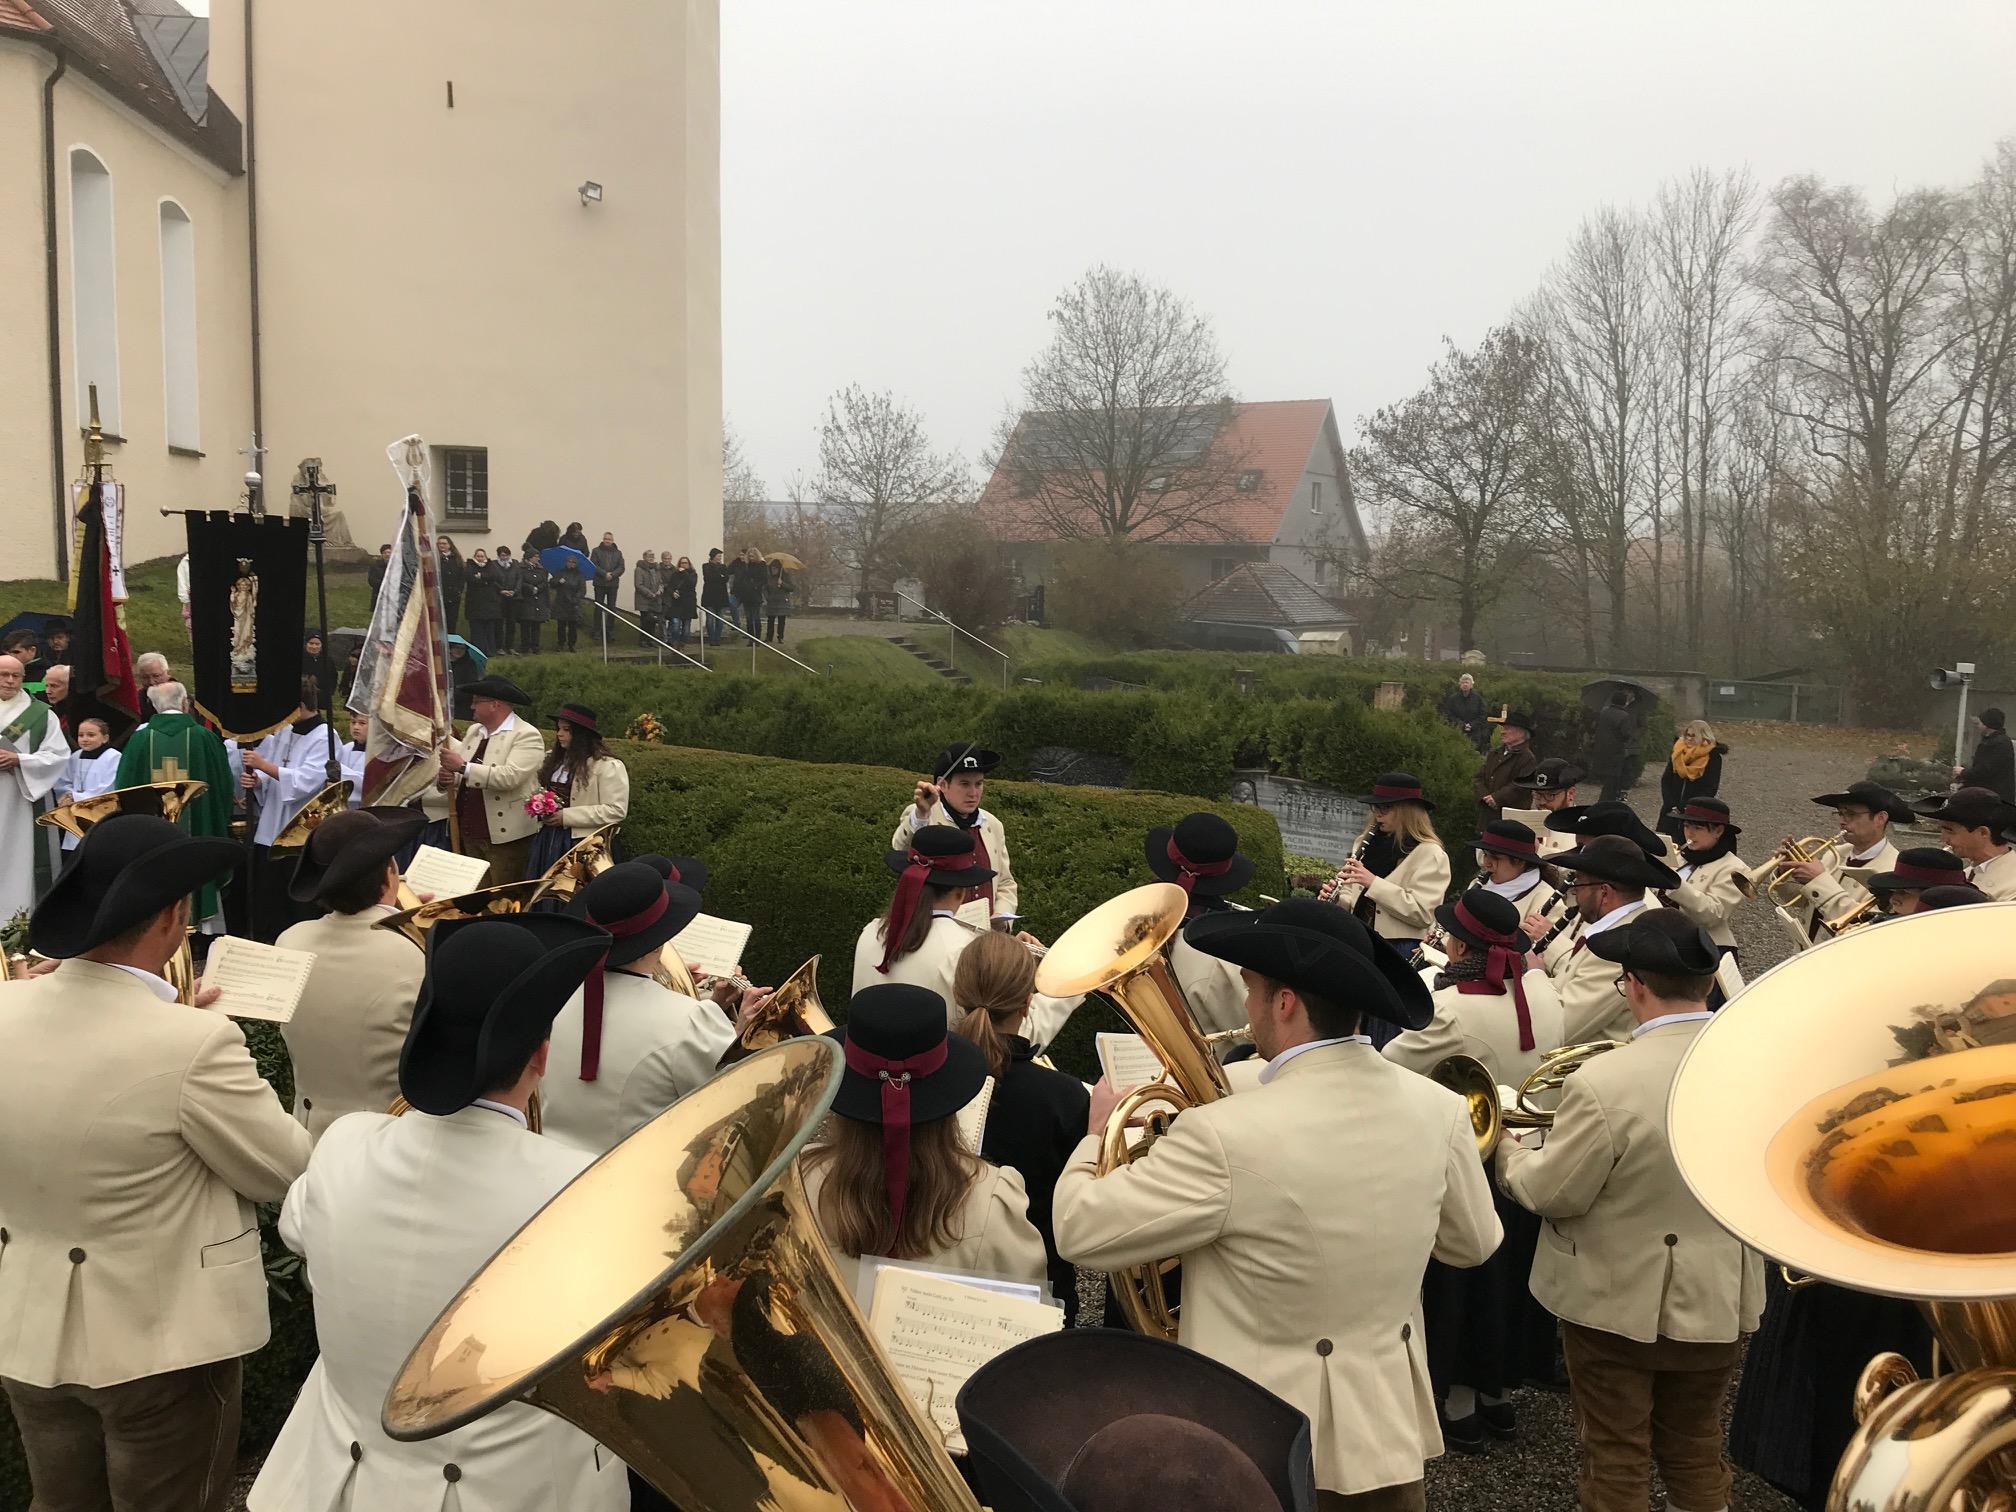 ...musikalisch umrahmt durch die MK Engerazhofen